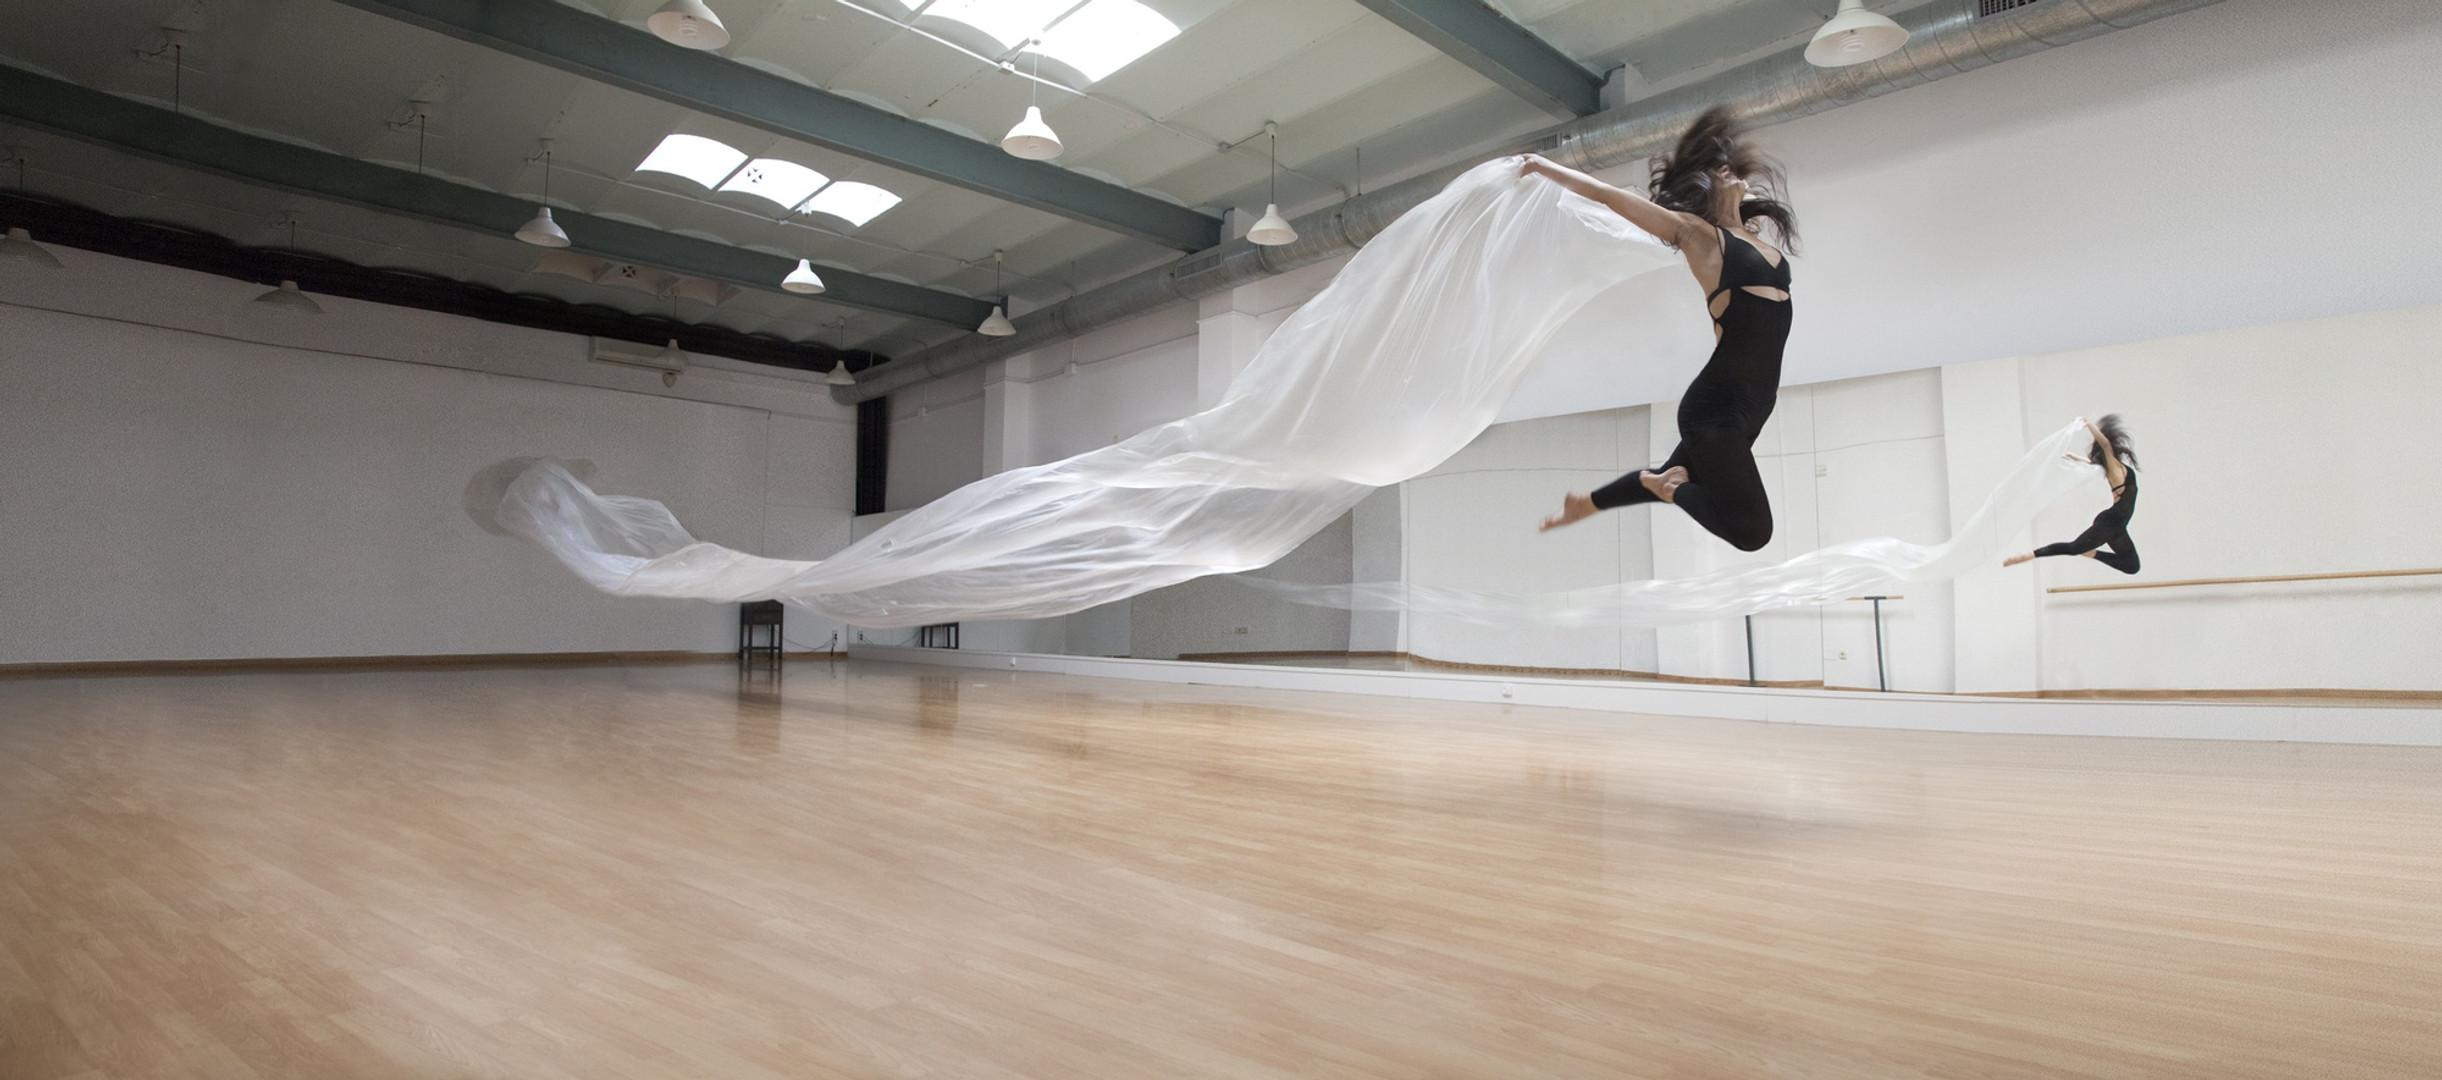 Alnouart Espacio de danza y movimiento